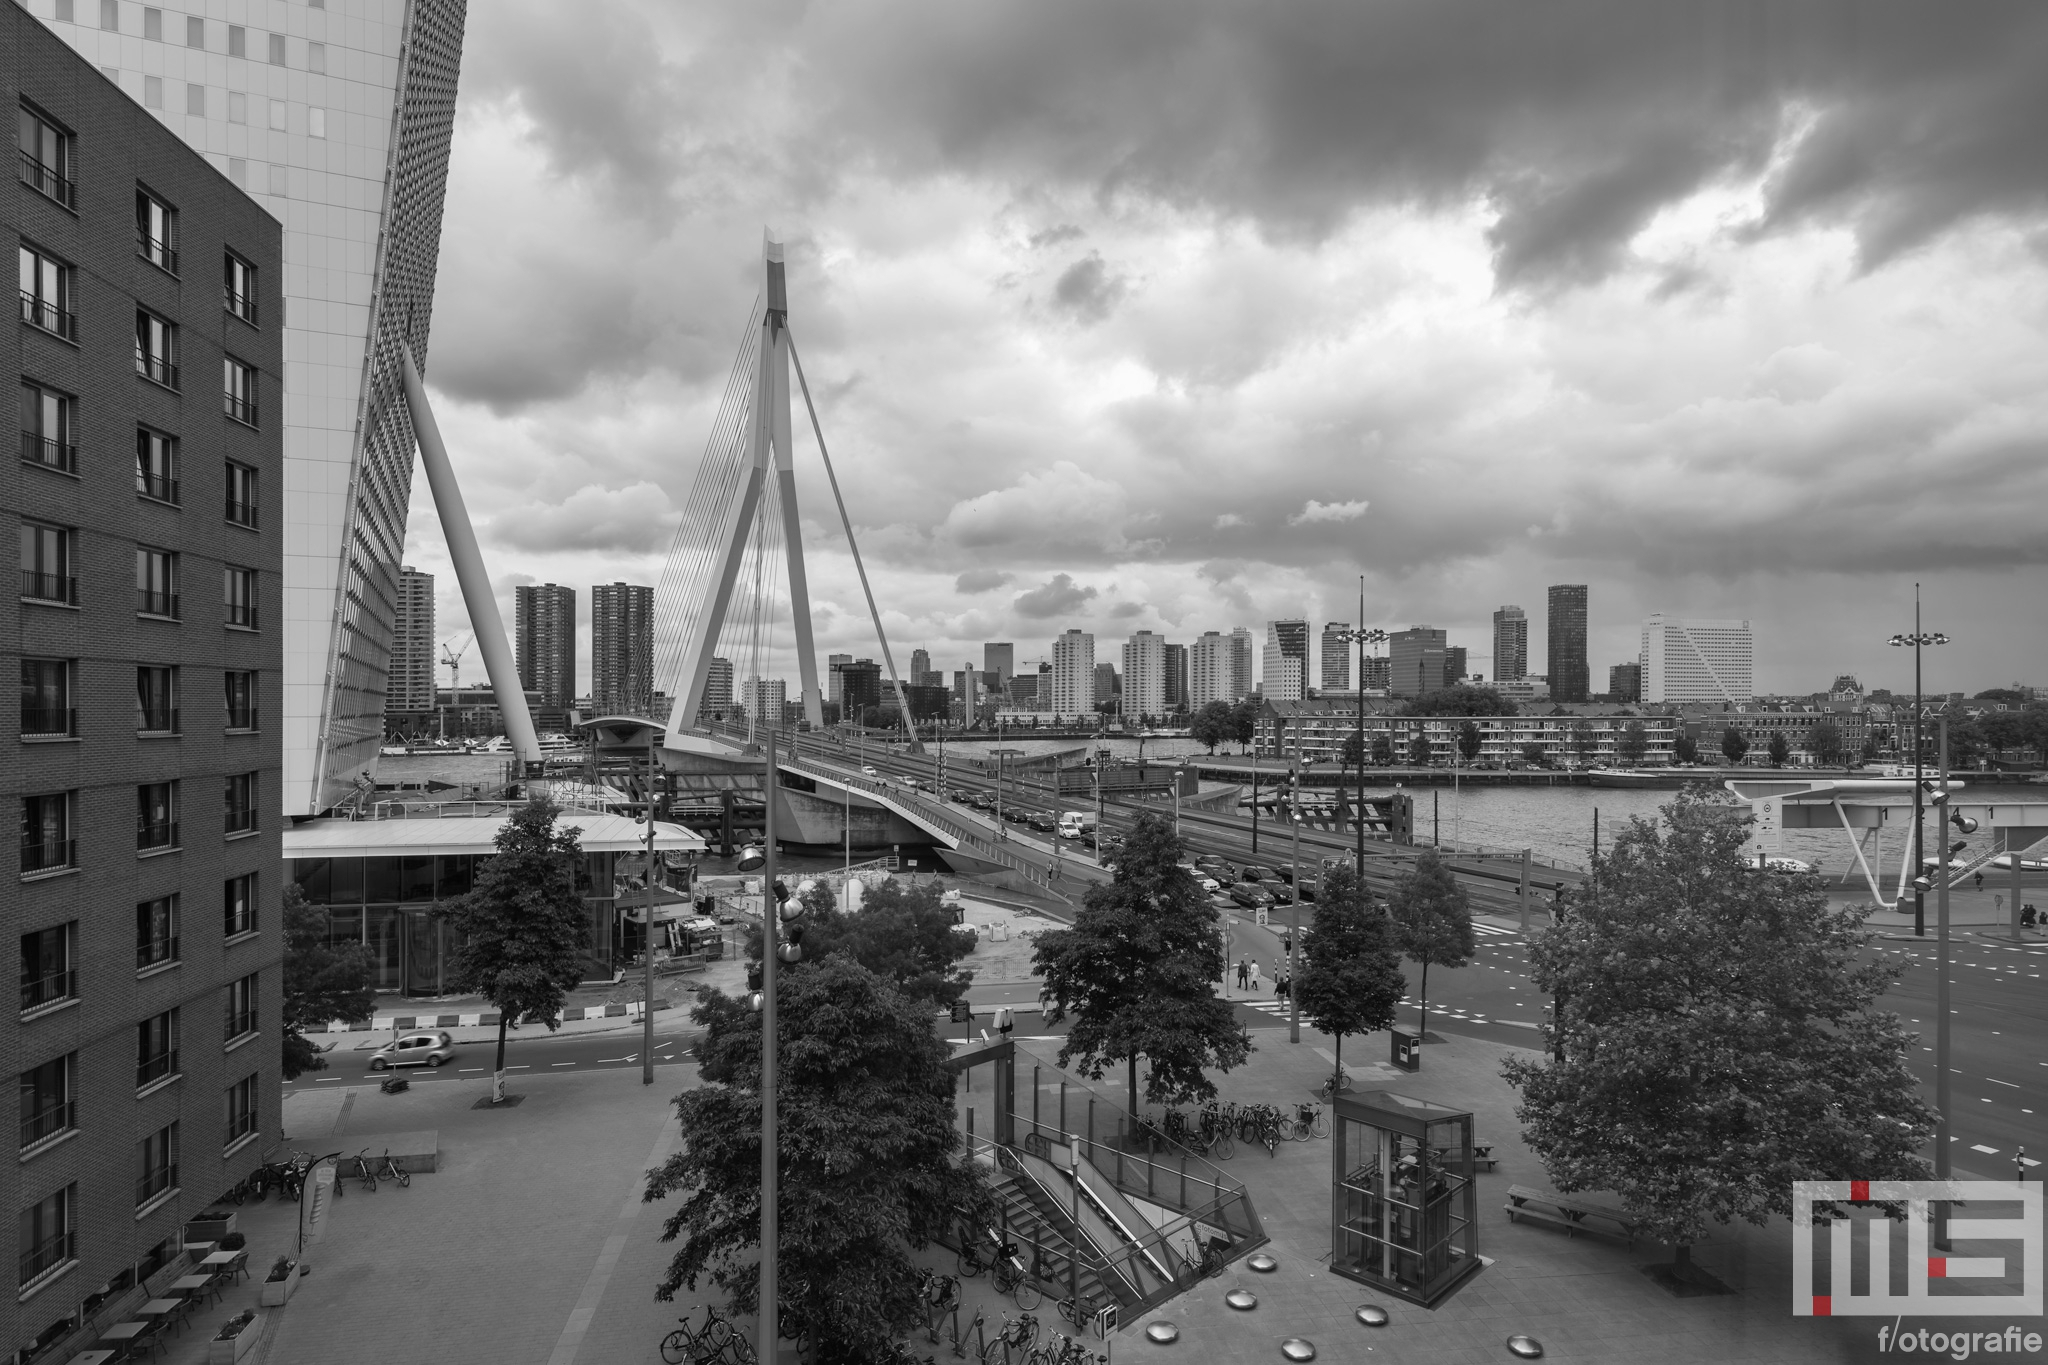 Te Koop | Het uitzicht op de Erasmusbrug vanuit het Luxor Rotterdam